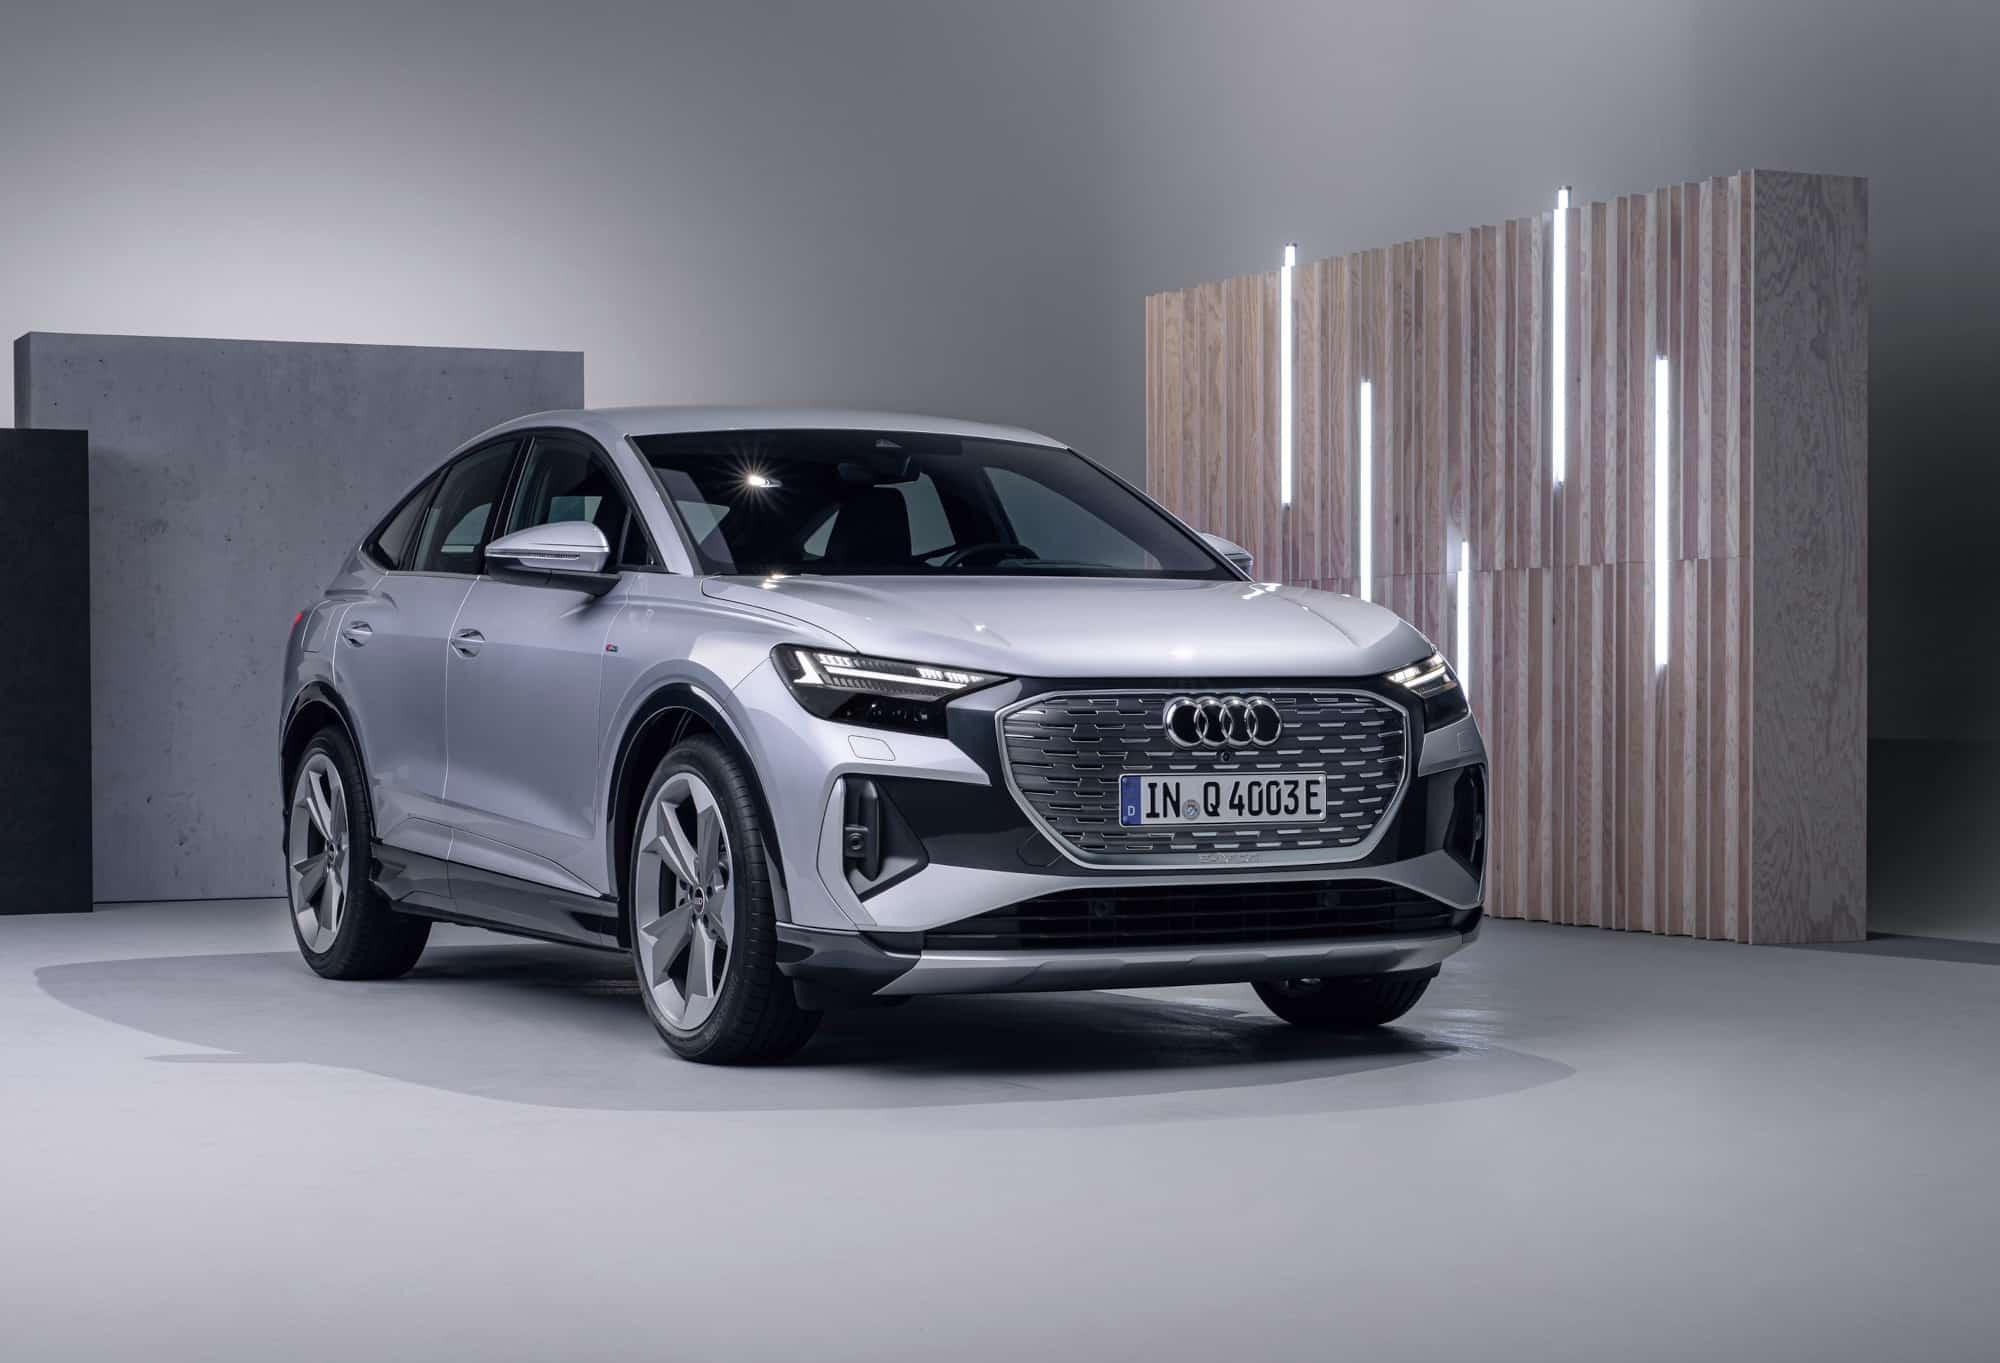 Audi Q4 e-tron y las sinergias dentro del Grupo Volkswagen